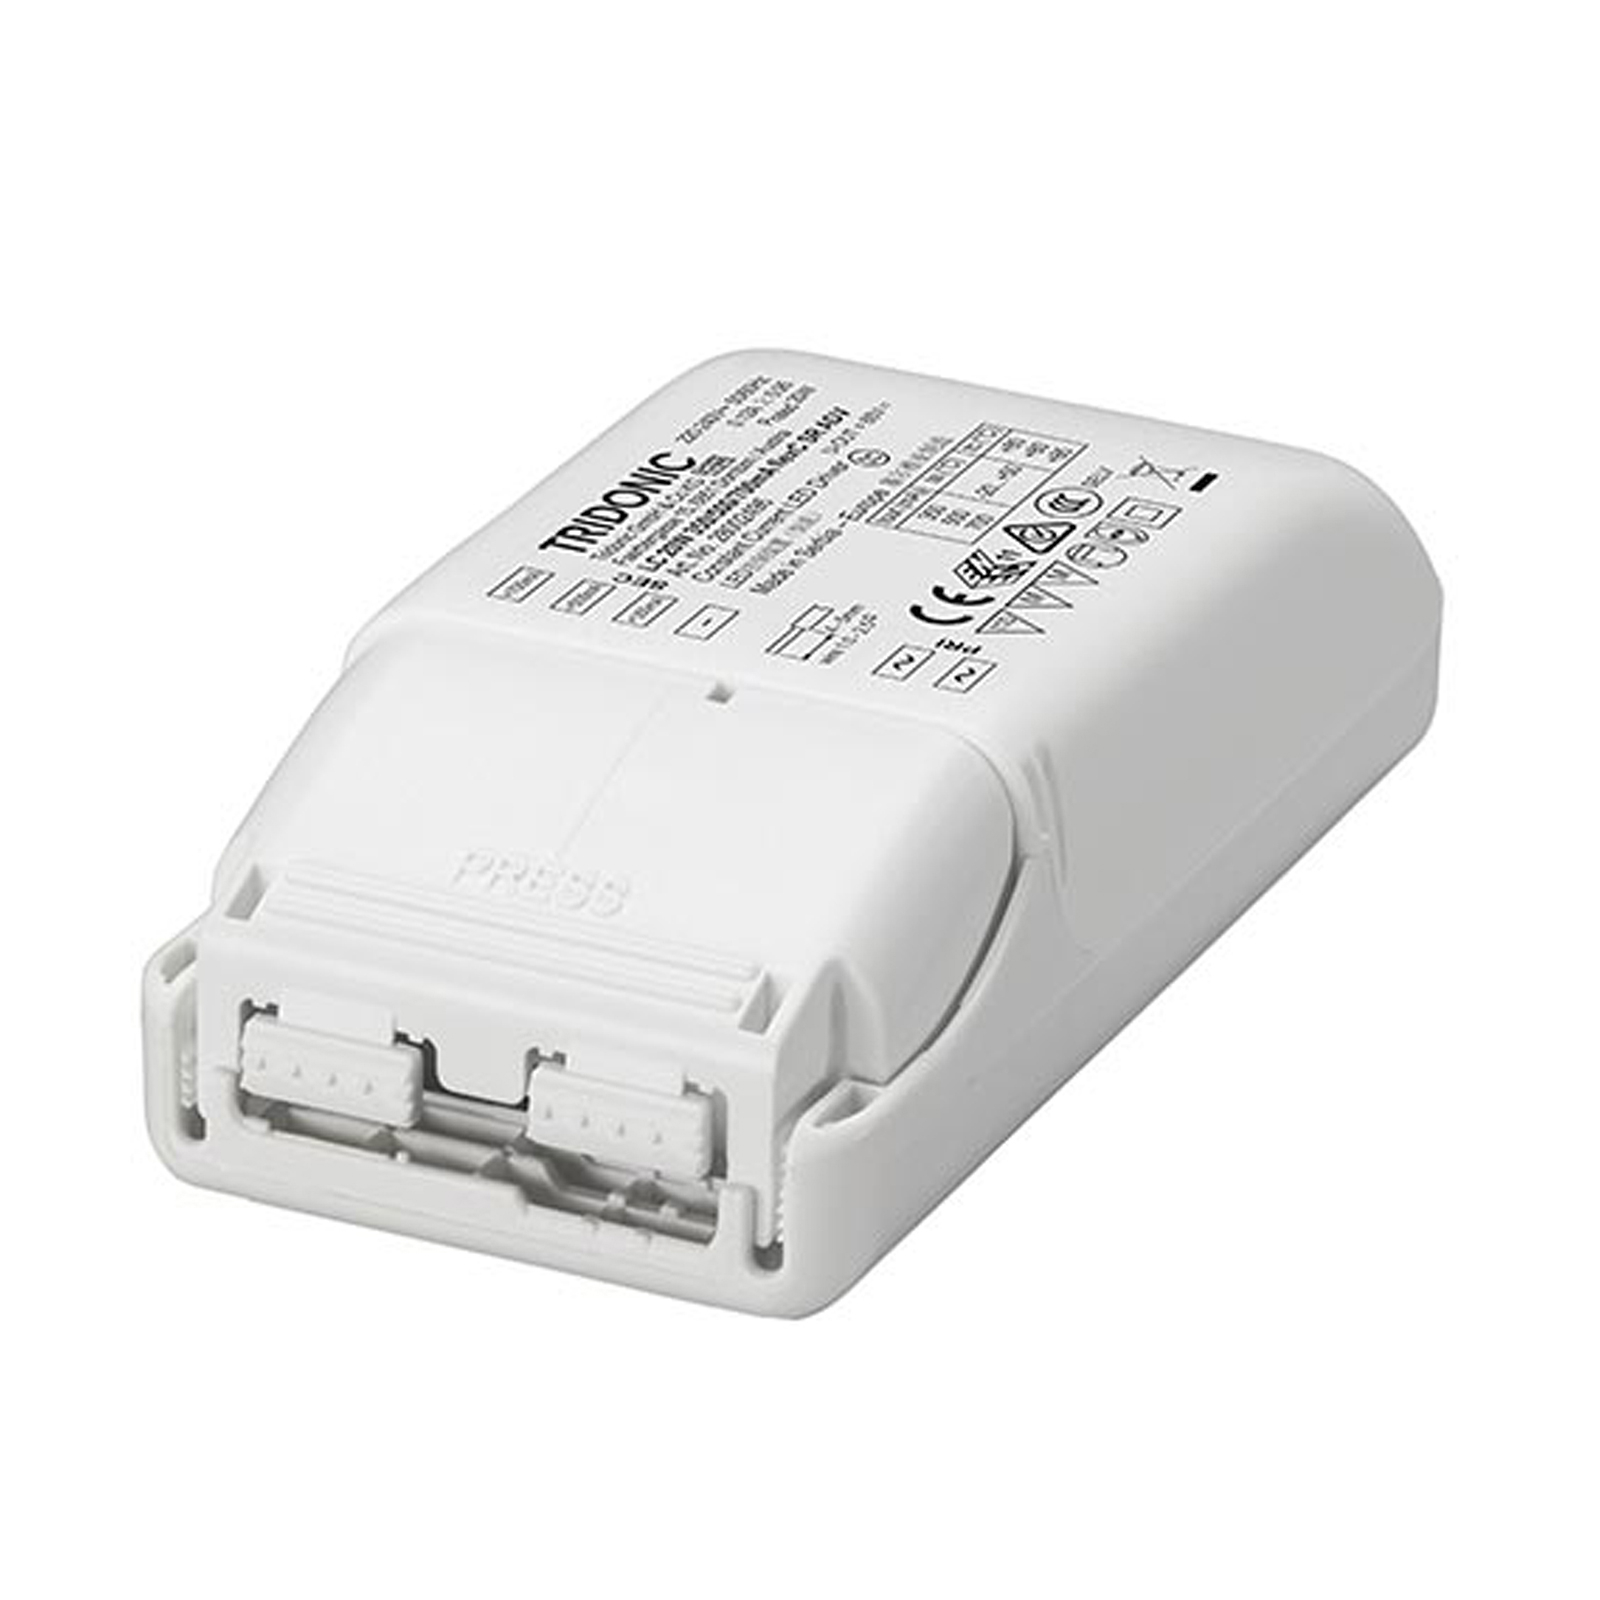 LED-driver 6301-04-094 20 W på/av